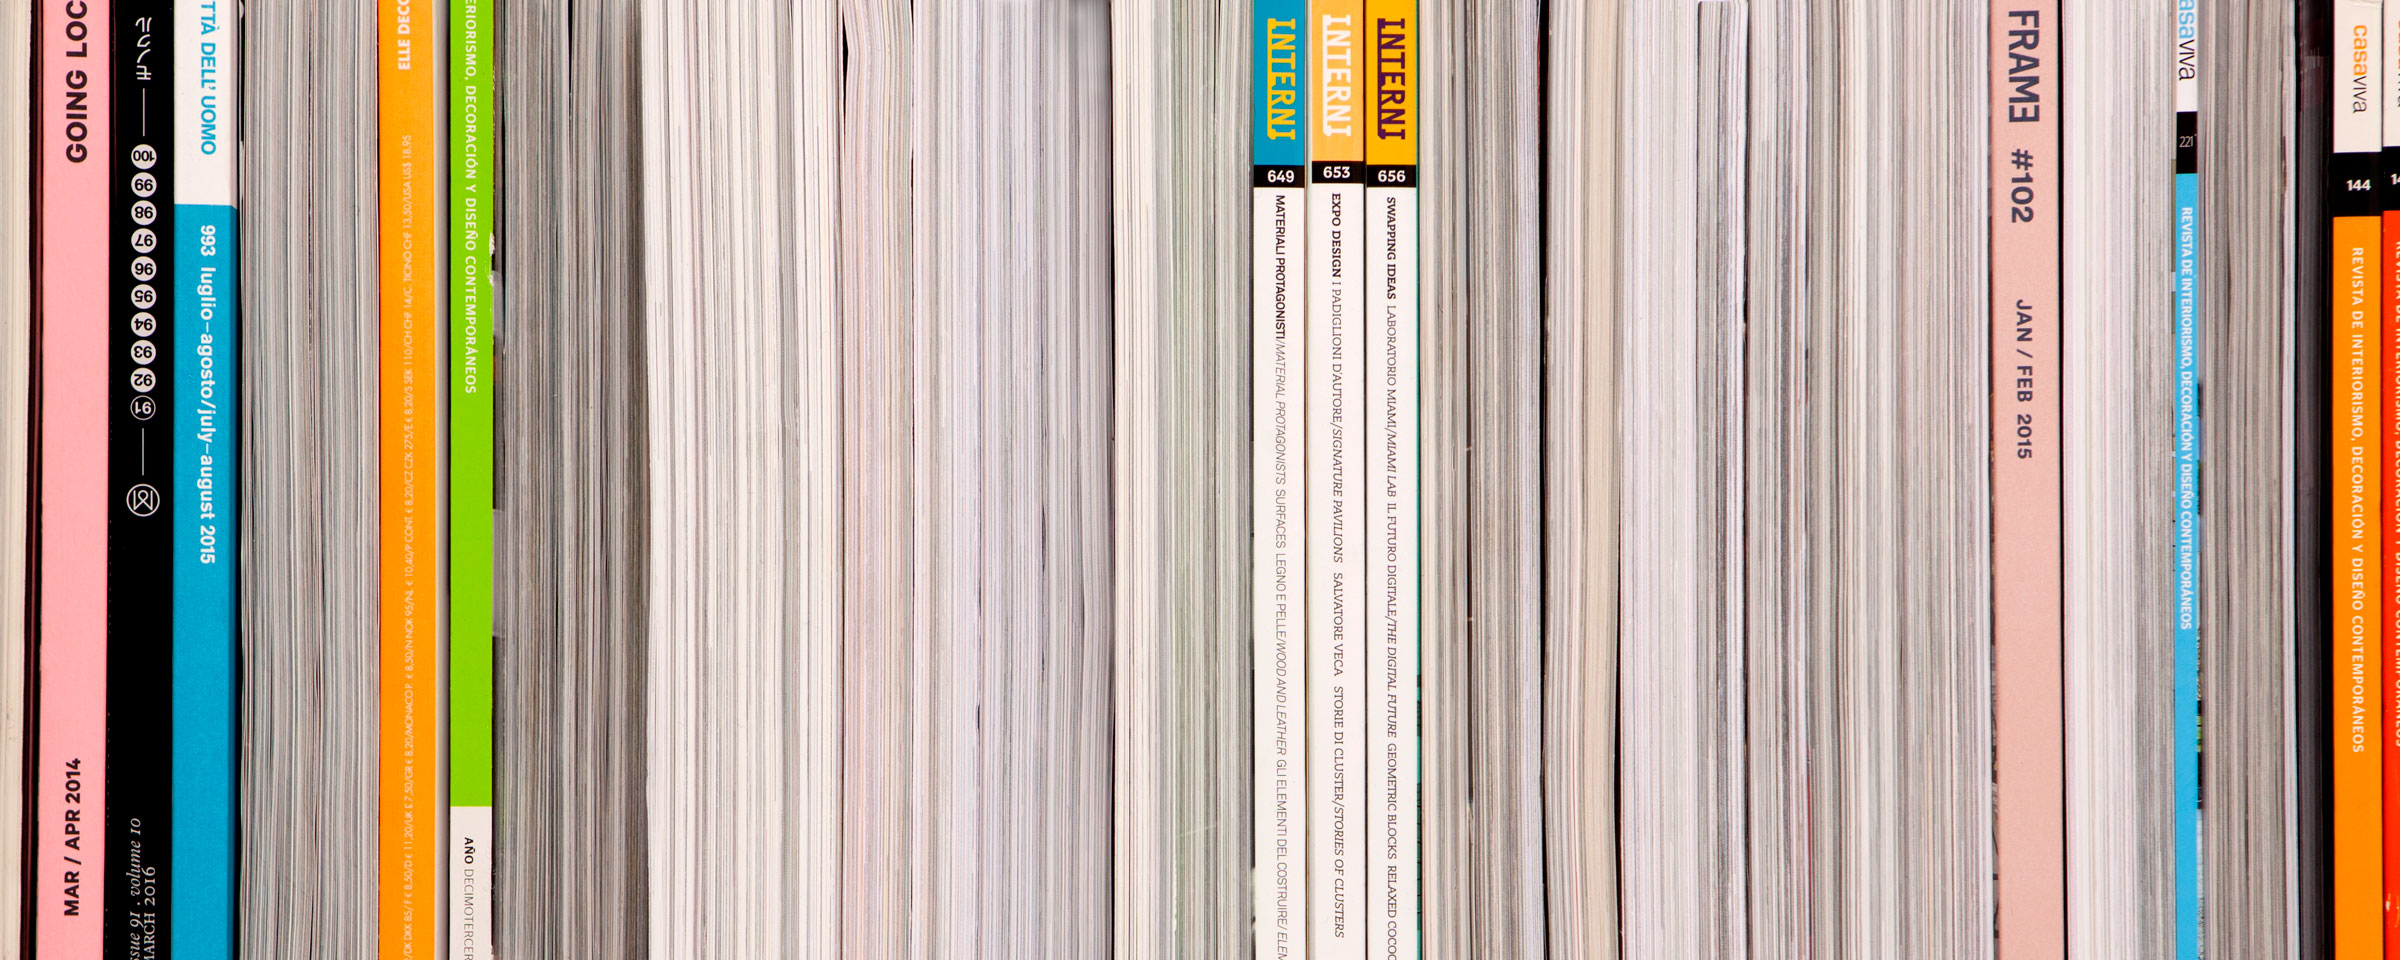 composizione collage still life cataloghi